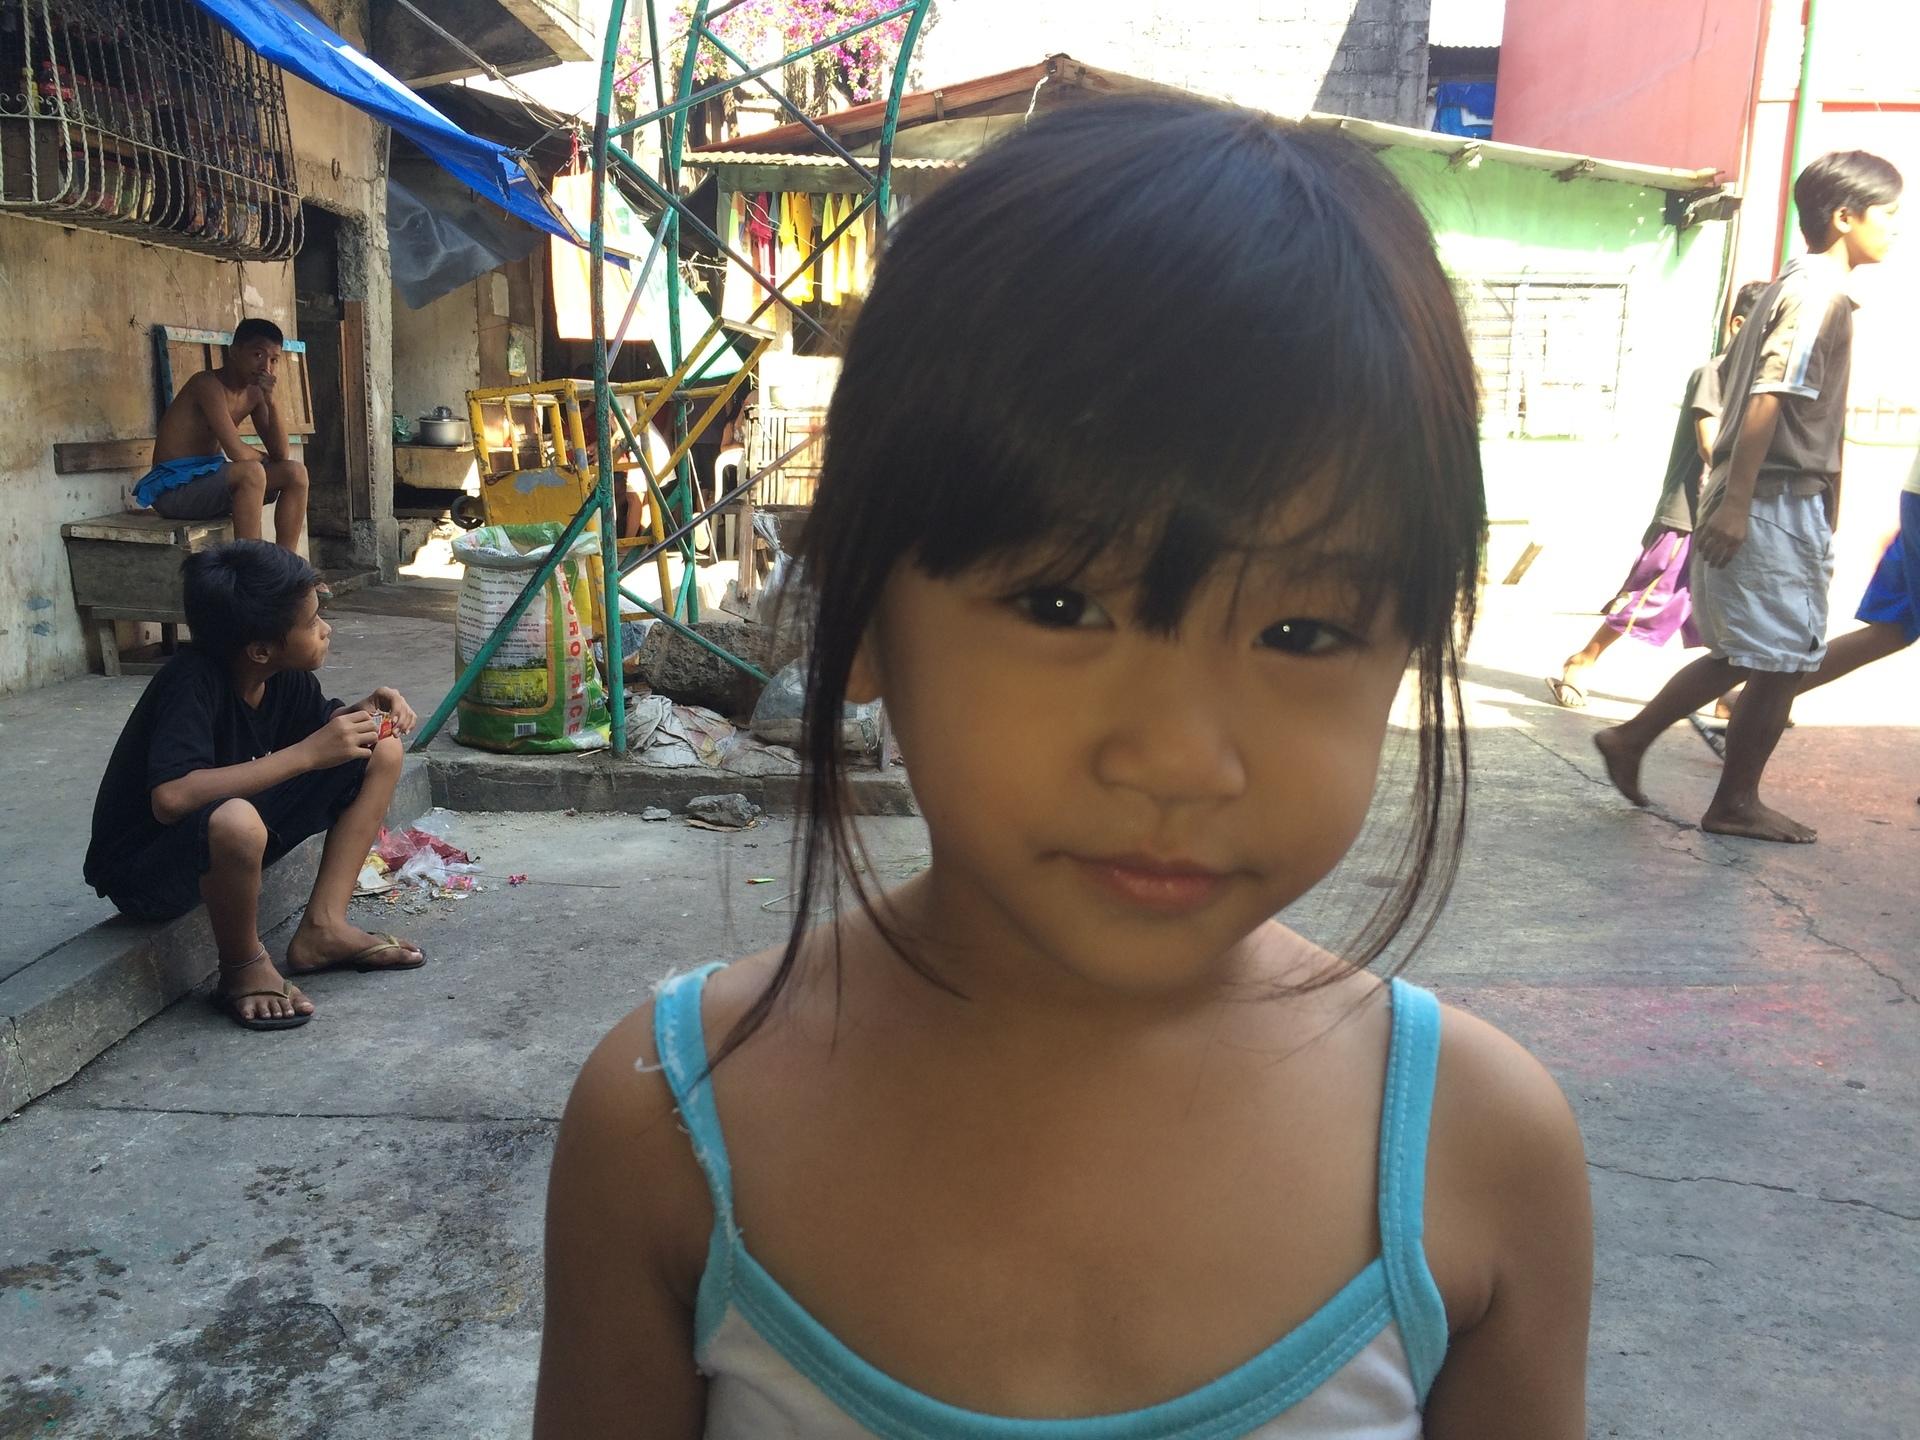 フィリピン 人 かわいい